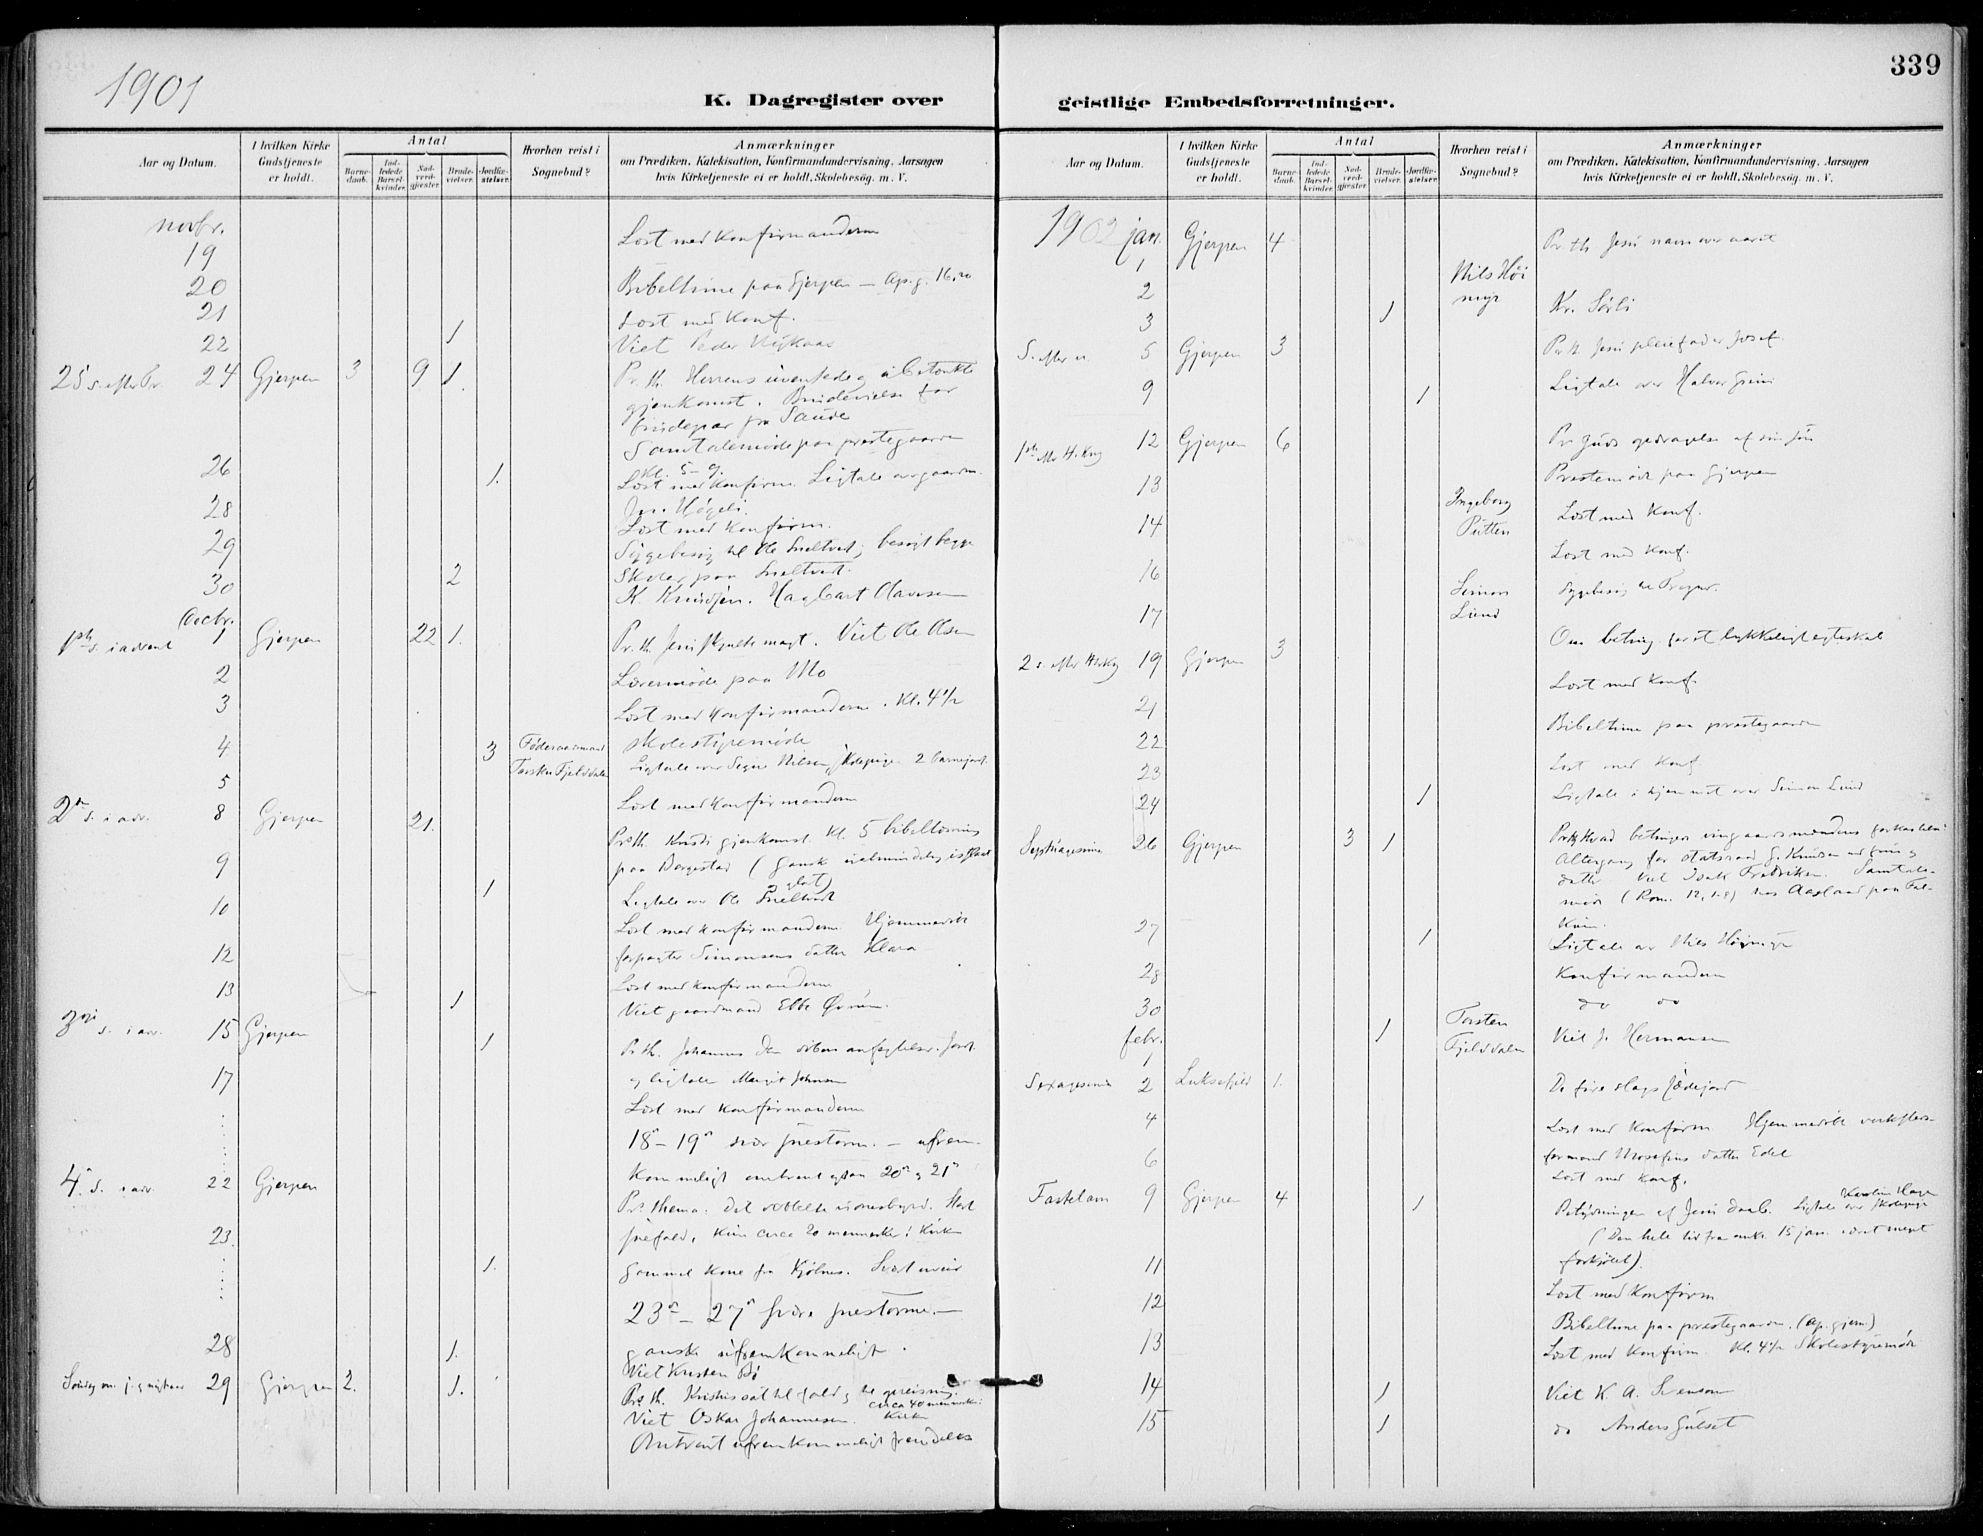 SAKO, Gjerpen kirkebøker, F/Fa/L0011: Ministerialbok nr. 11, 1896-1904, s. 339